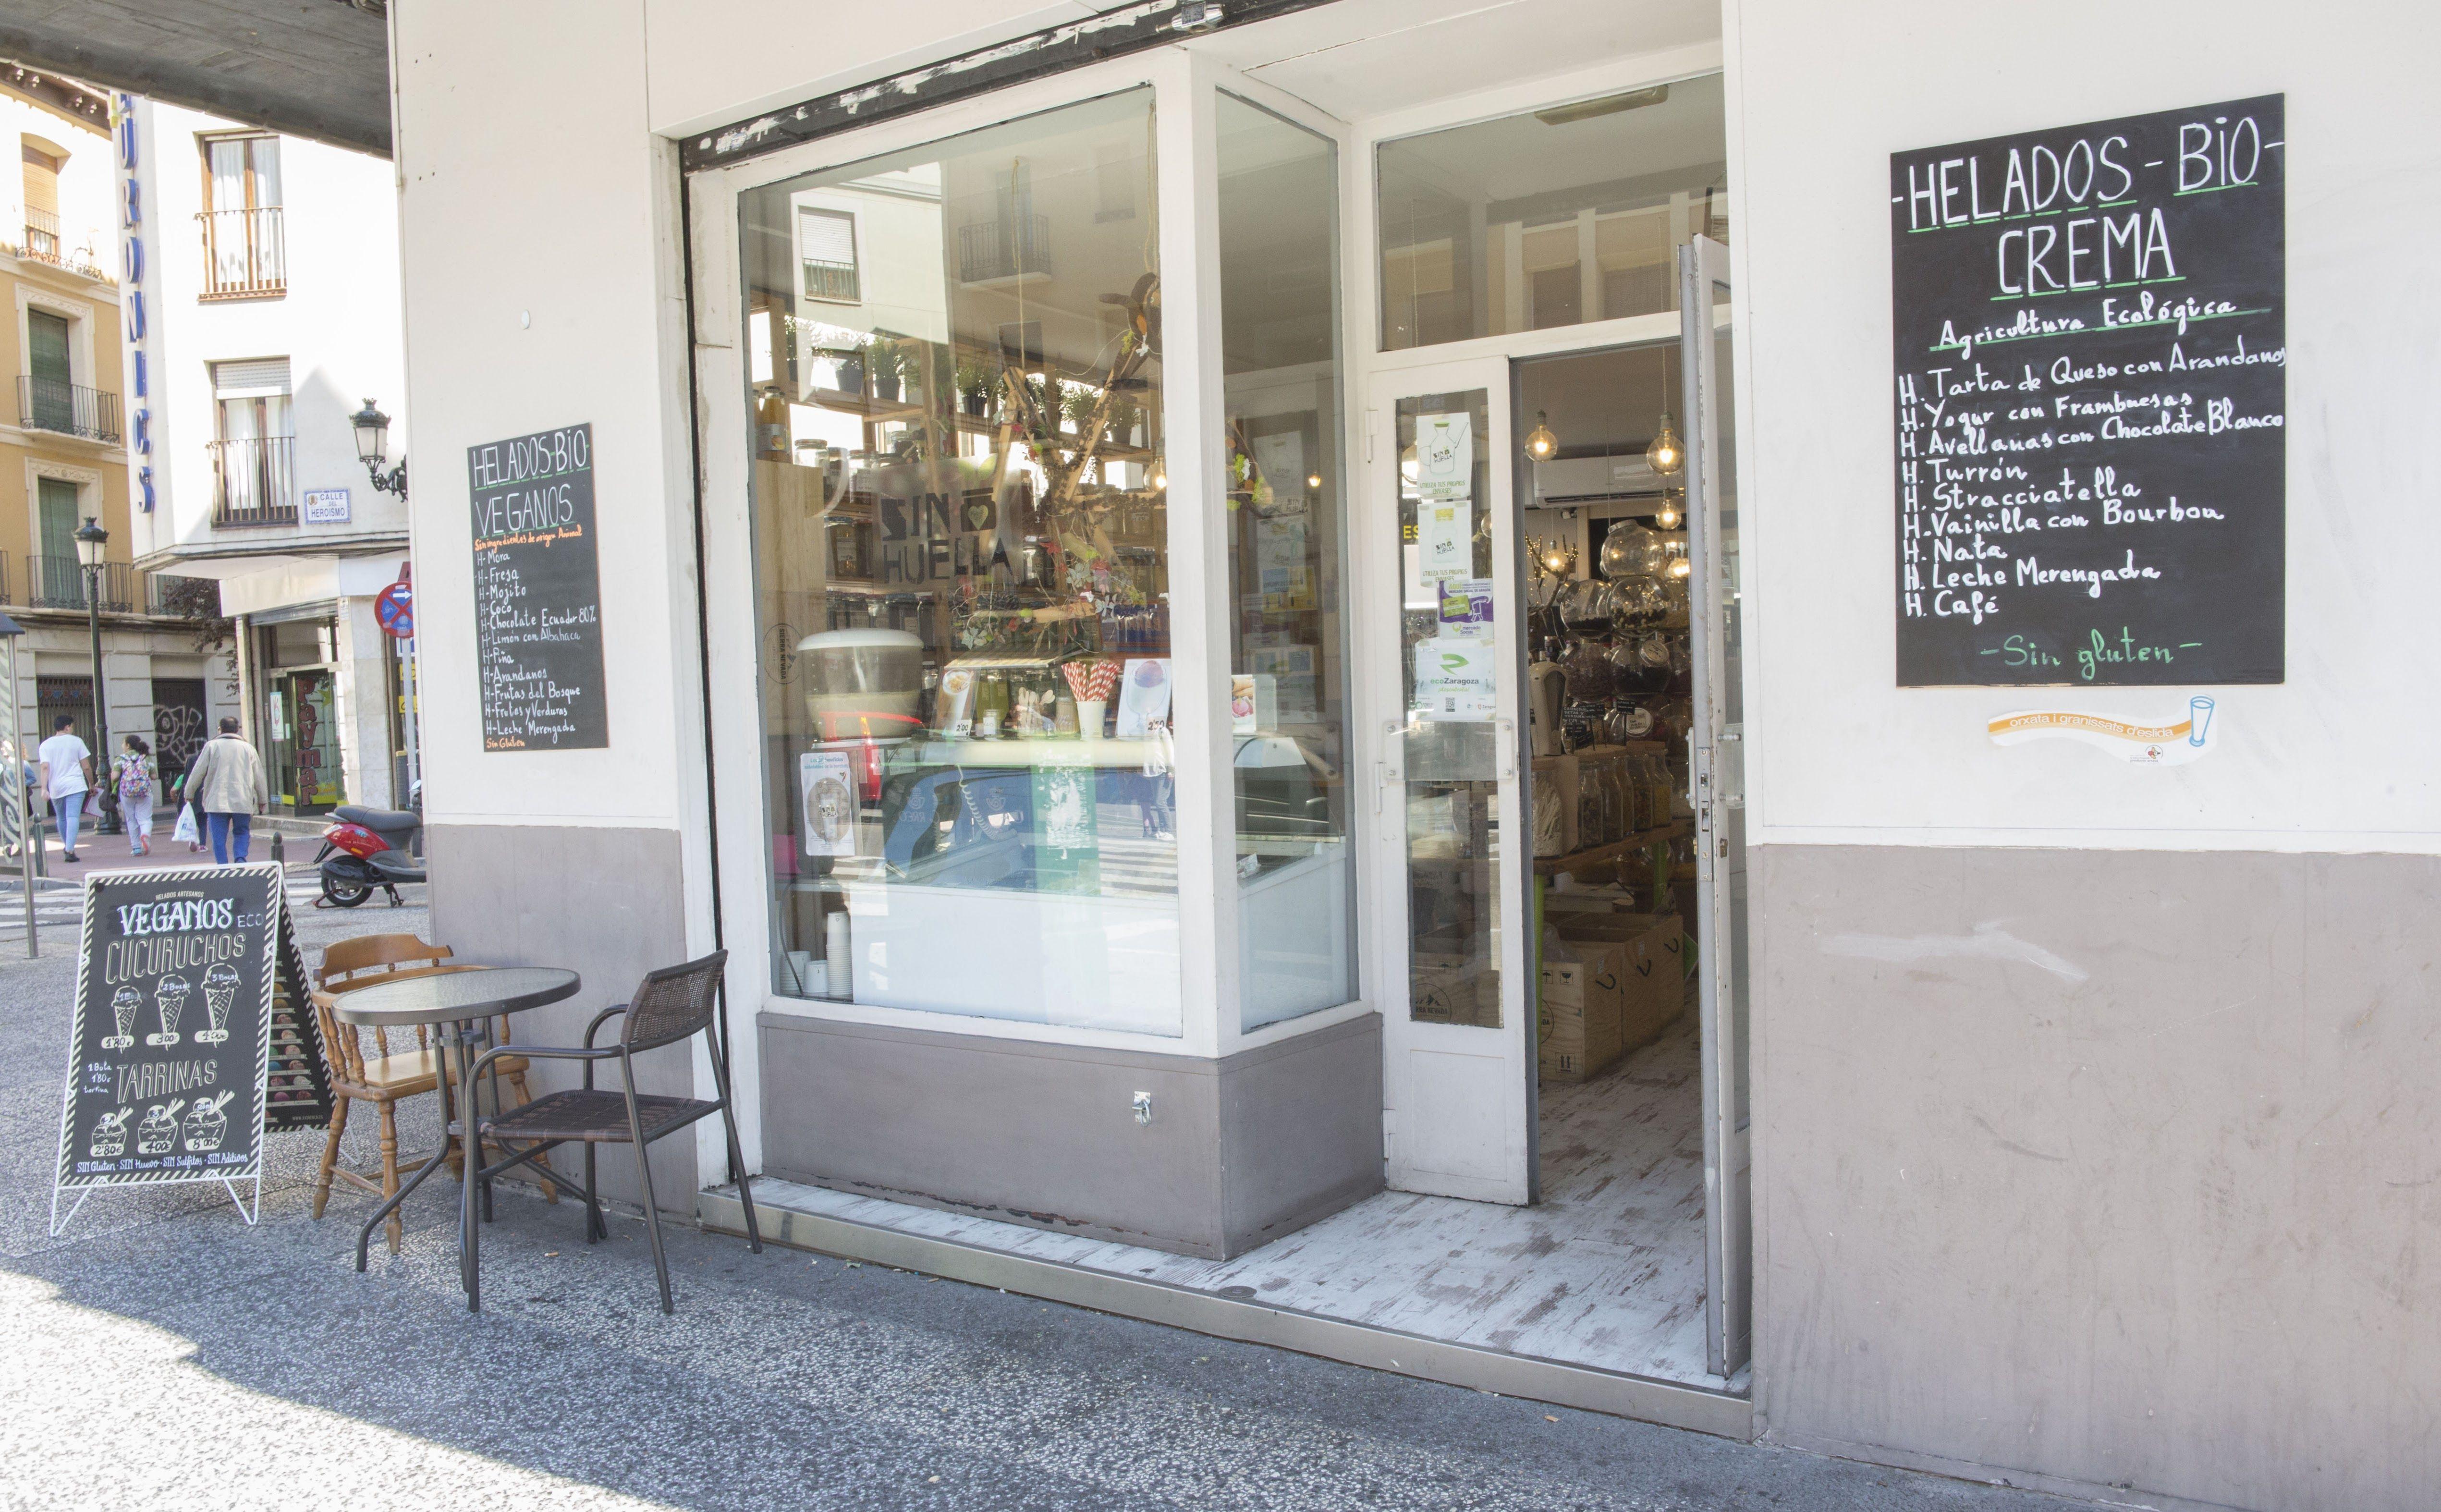 Foto 10 de Tienda de productos ecológicos a granel en Zaragoza | Sin Huella